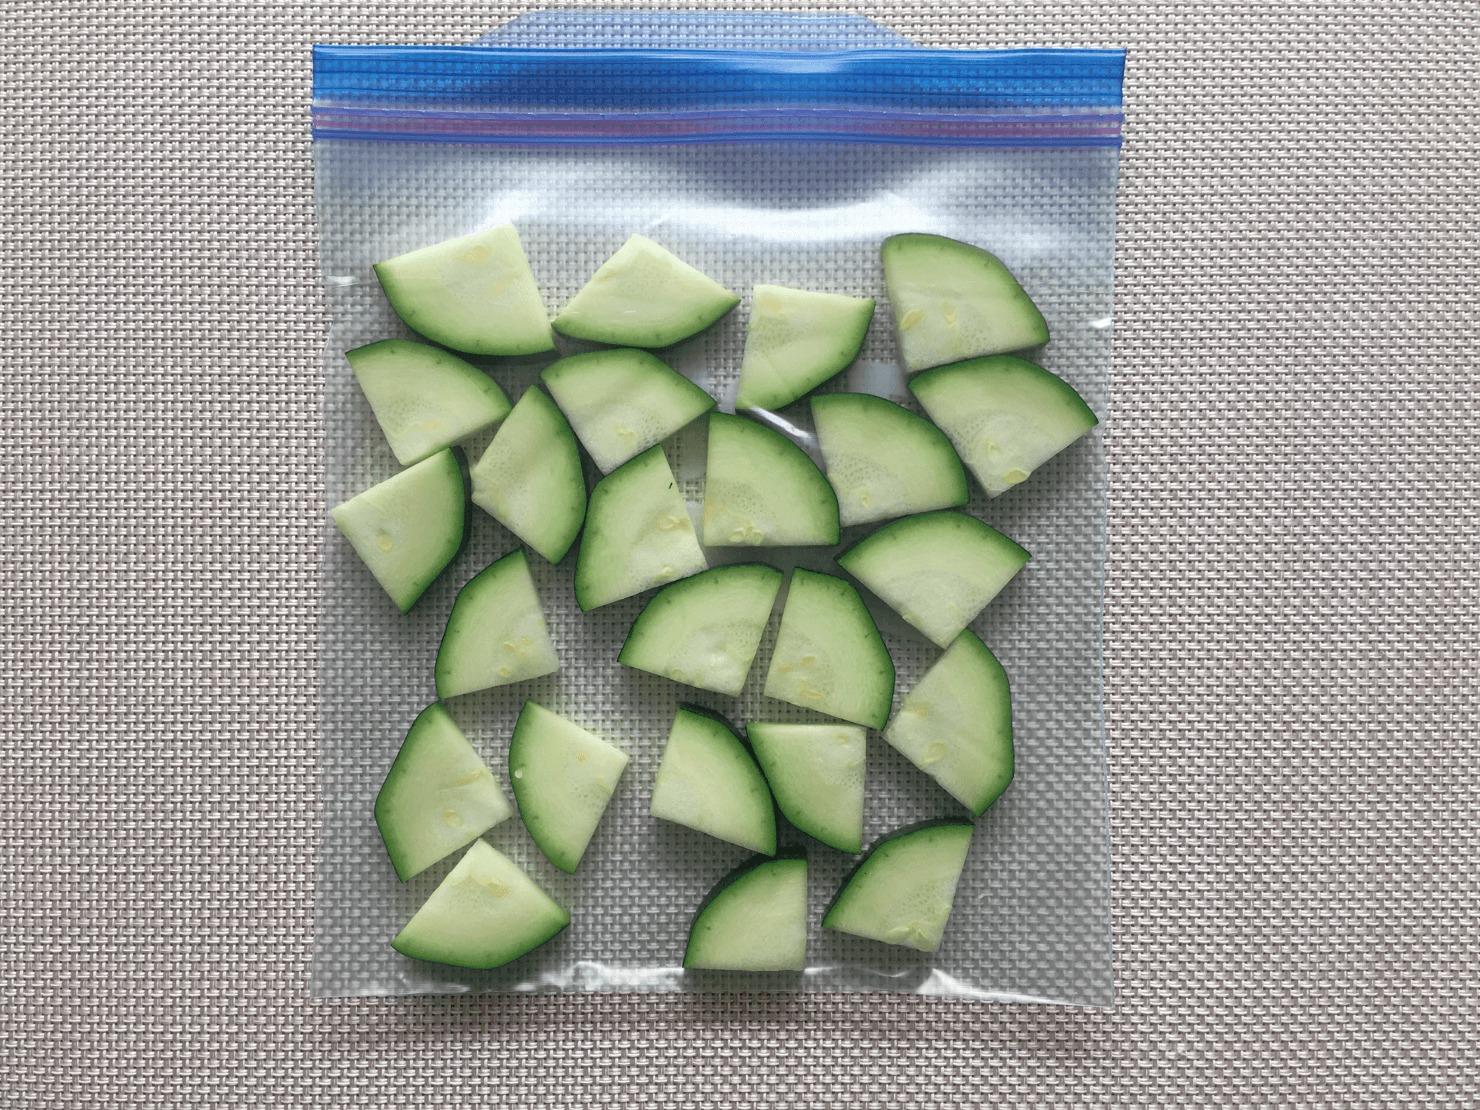 ズッキーニを切って保存袋に入れた写真